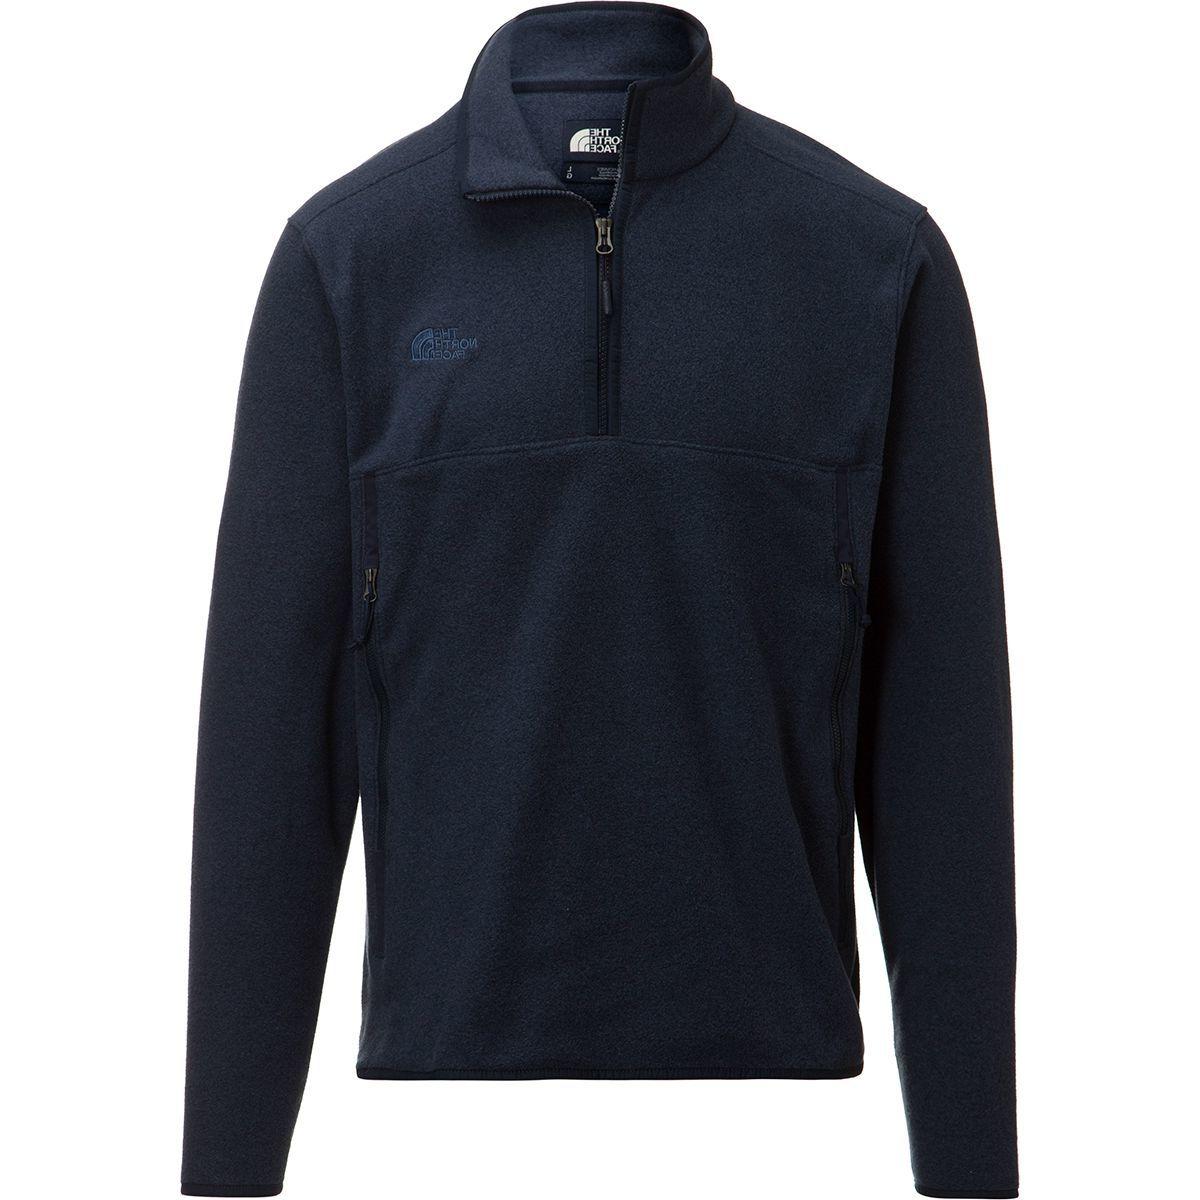 The North Face Glacier Alpine 1/4-Zip Fleece Pullover Jacket - Men's